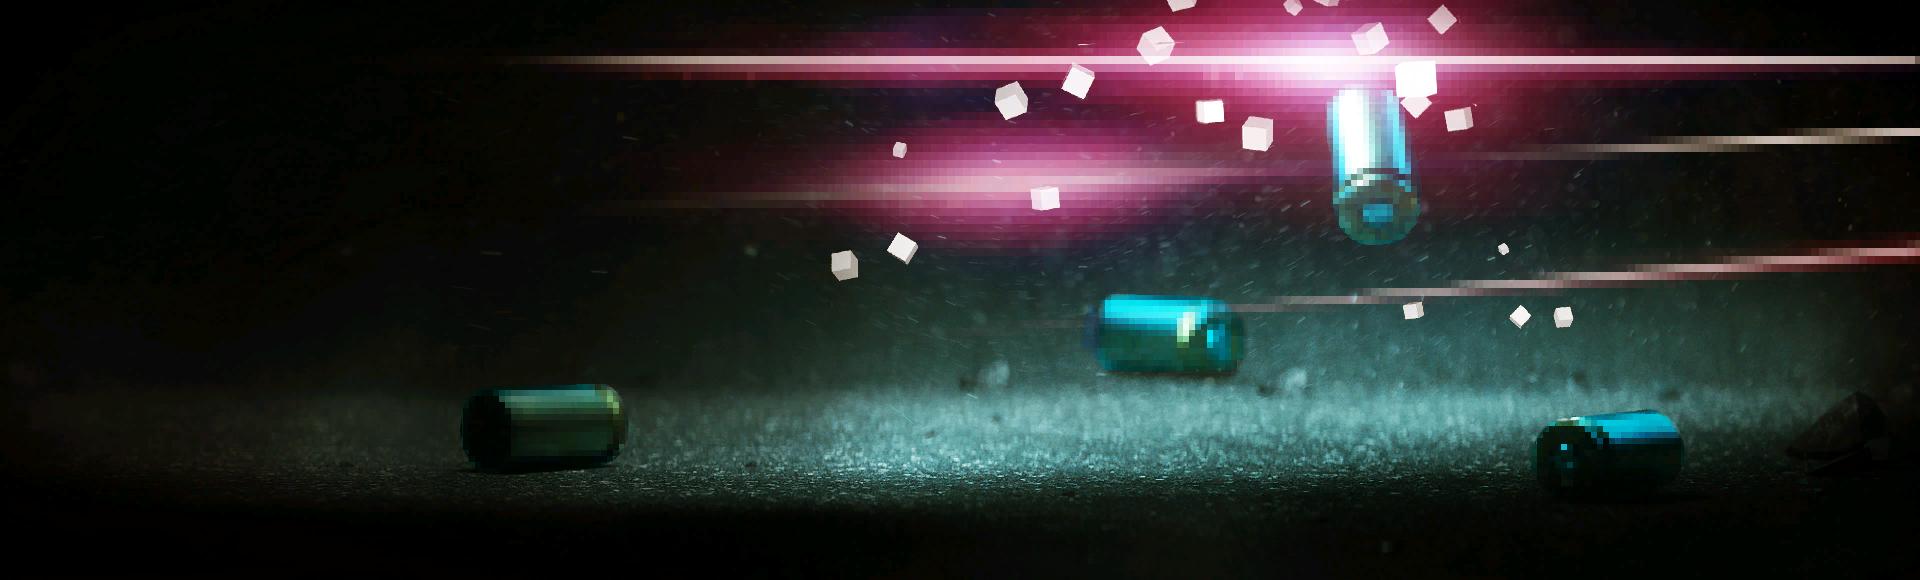 Bundle billboard of Tracer Pack: 16bit